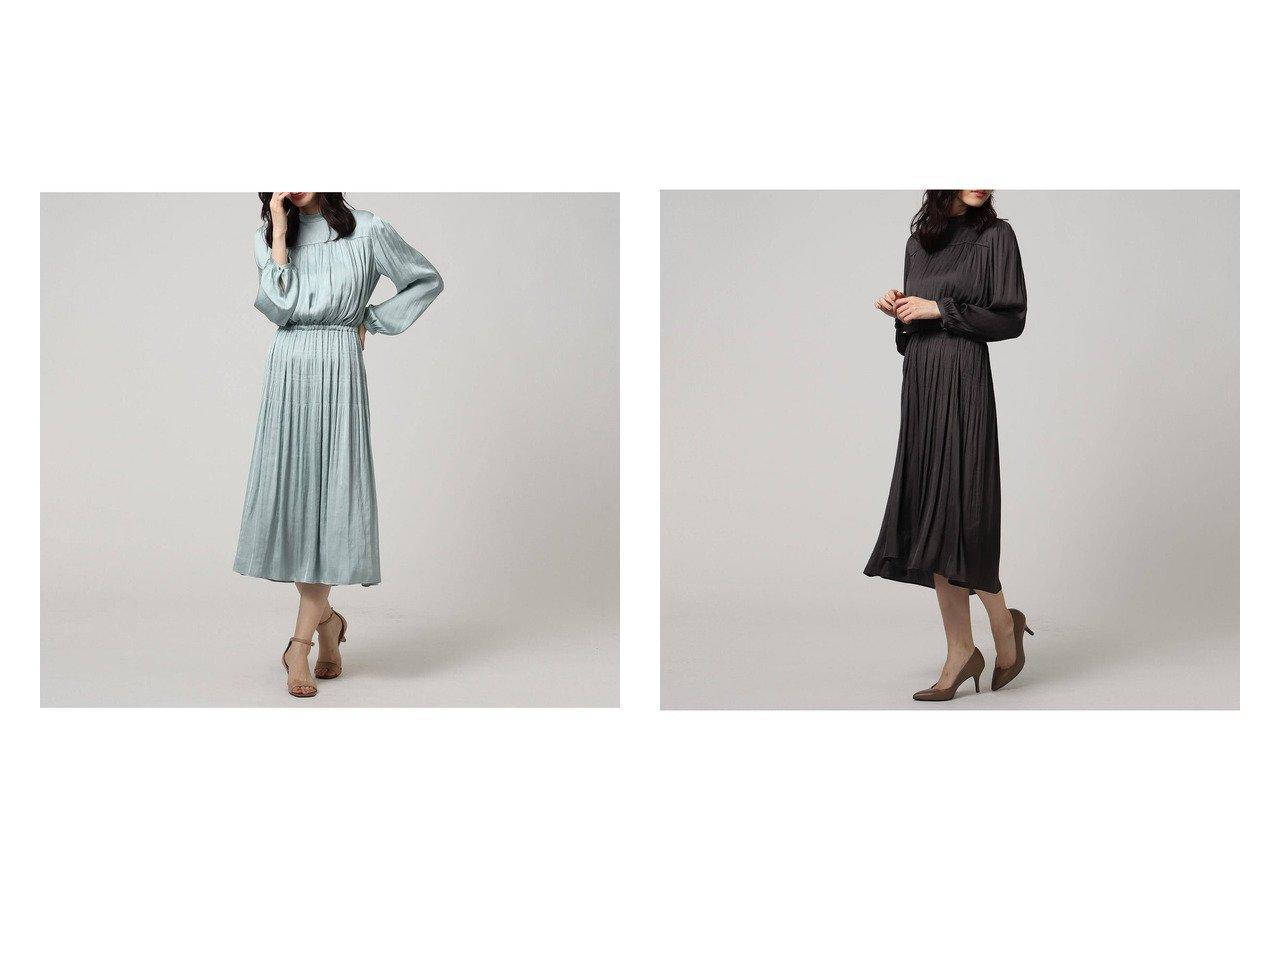 【UNTITLED/アンタイトル】のマジョリカプリーツワンピース UNTITLEDのおすすめ!人気、トレンド・レディースファッションの通販 おすすめで人気の流行・トレンド、ファッションの通販商品 メンズファッション・キッズファッション・インテリア・家具・レディースファッション・服の通販 founy(ファニー) https://founy.com/ ファッション Fashion レディースファッション WOMEN ワンピース Dress ヴィンテージ 春 Spring ギャザー 今季 サテン ジャケット ダブル ティアード トレンド ドレープ ブラウジング プリーツ ベスト ペチコート ポケット 2021年 2021 S/S 春夏 SS Spring/Summer 2021 春夏 S/S SS Spring/Summer 2021 |ID:crp329100000019964